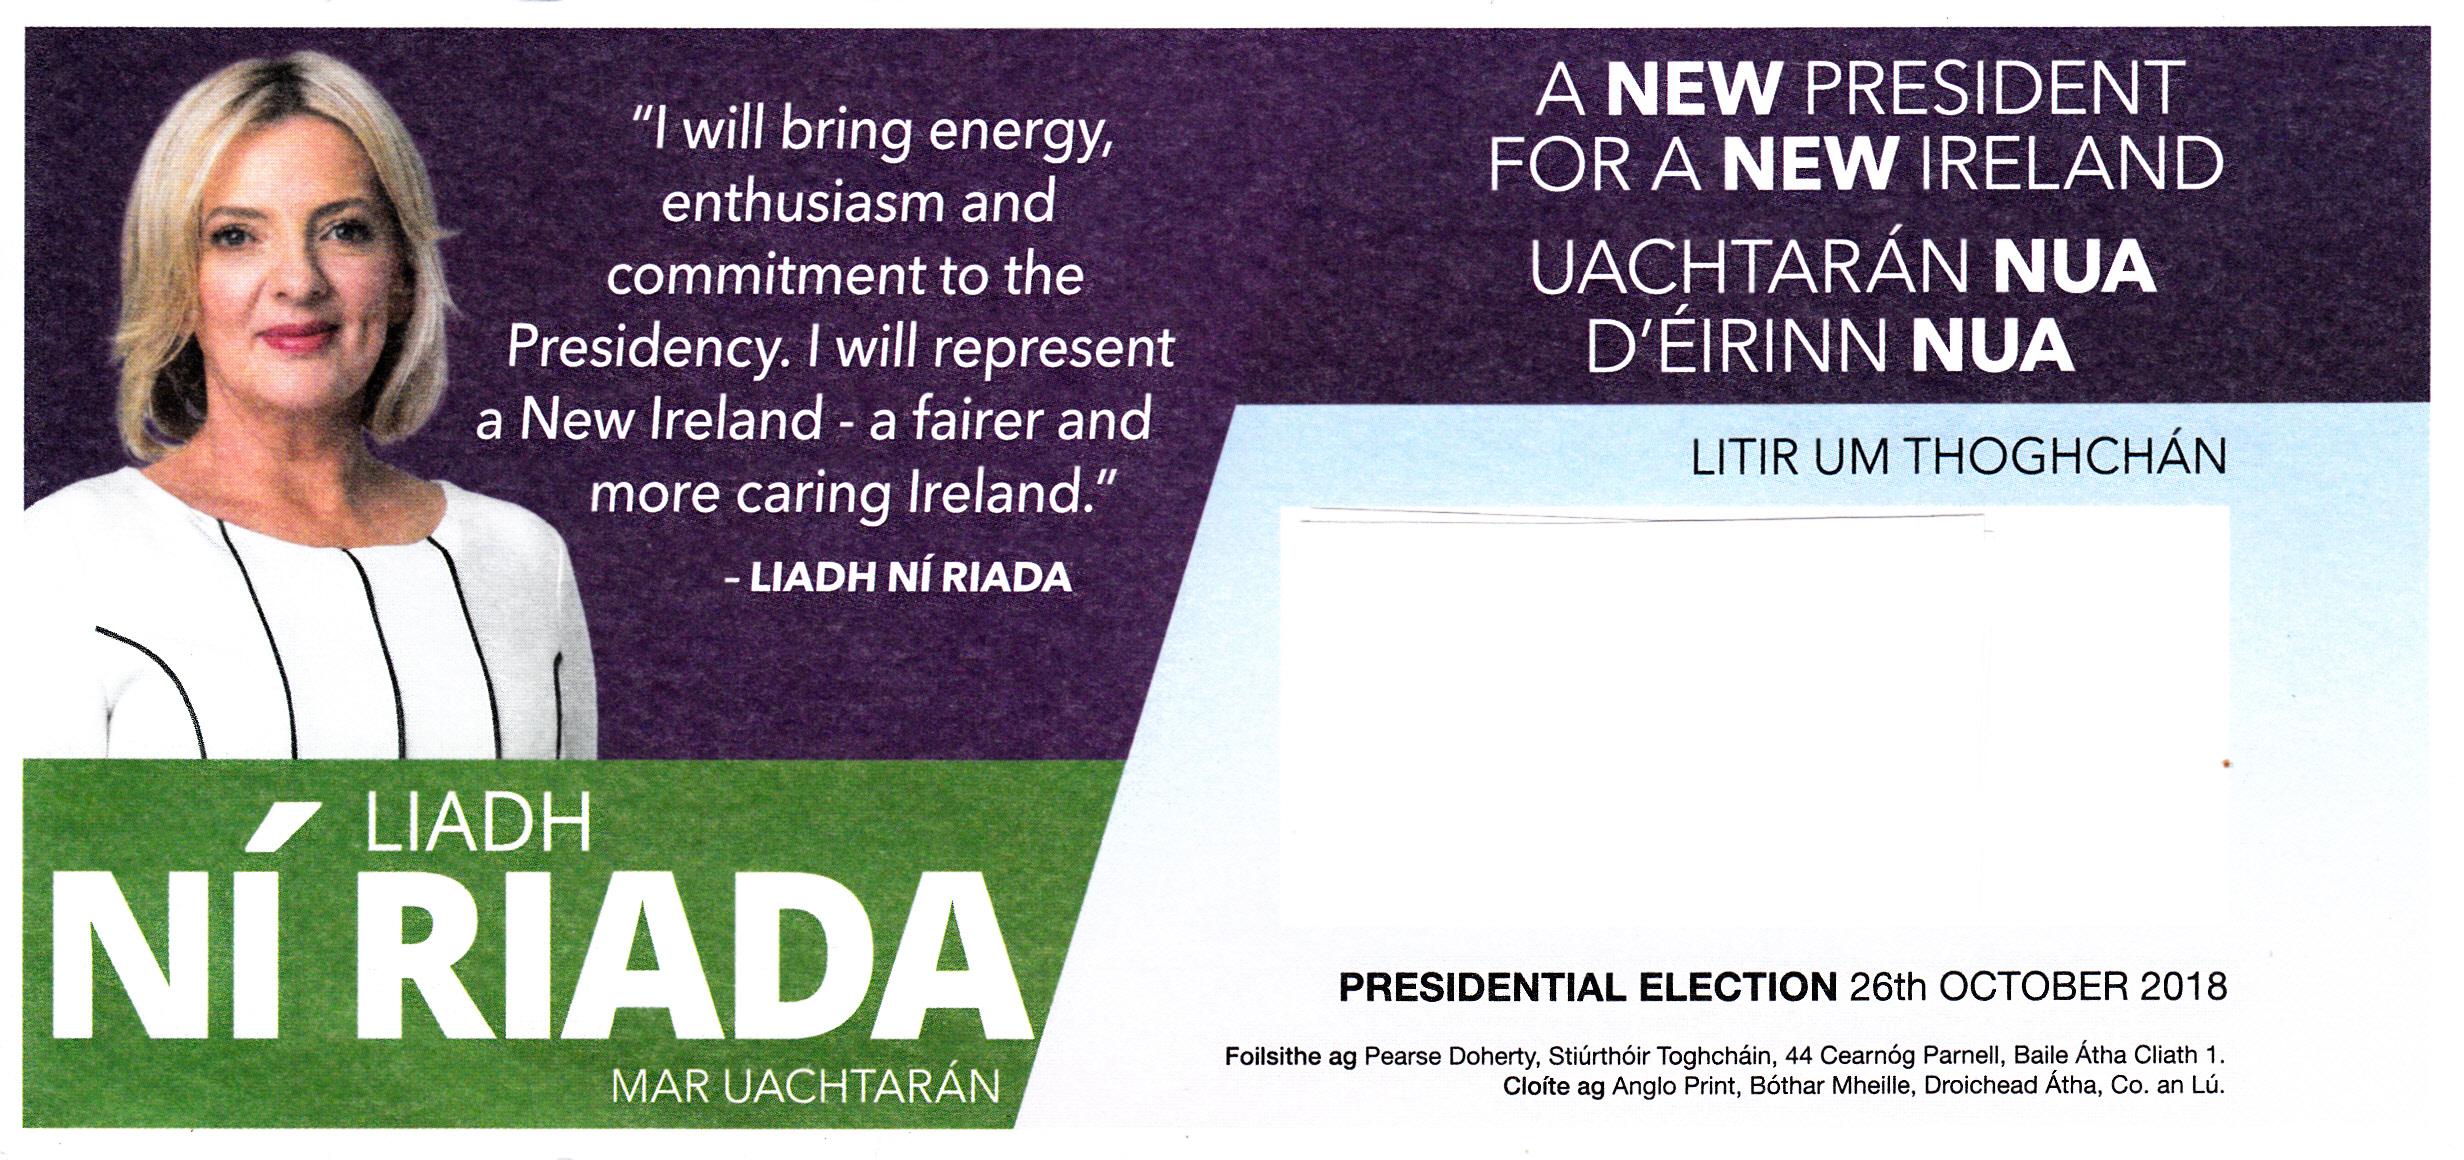 Irlanda_Presidenciais_2018_0011